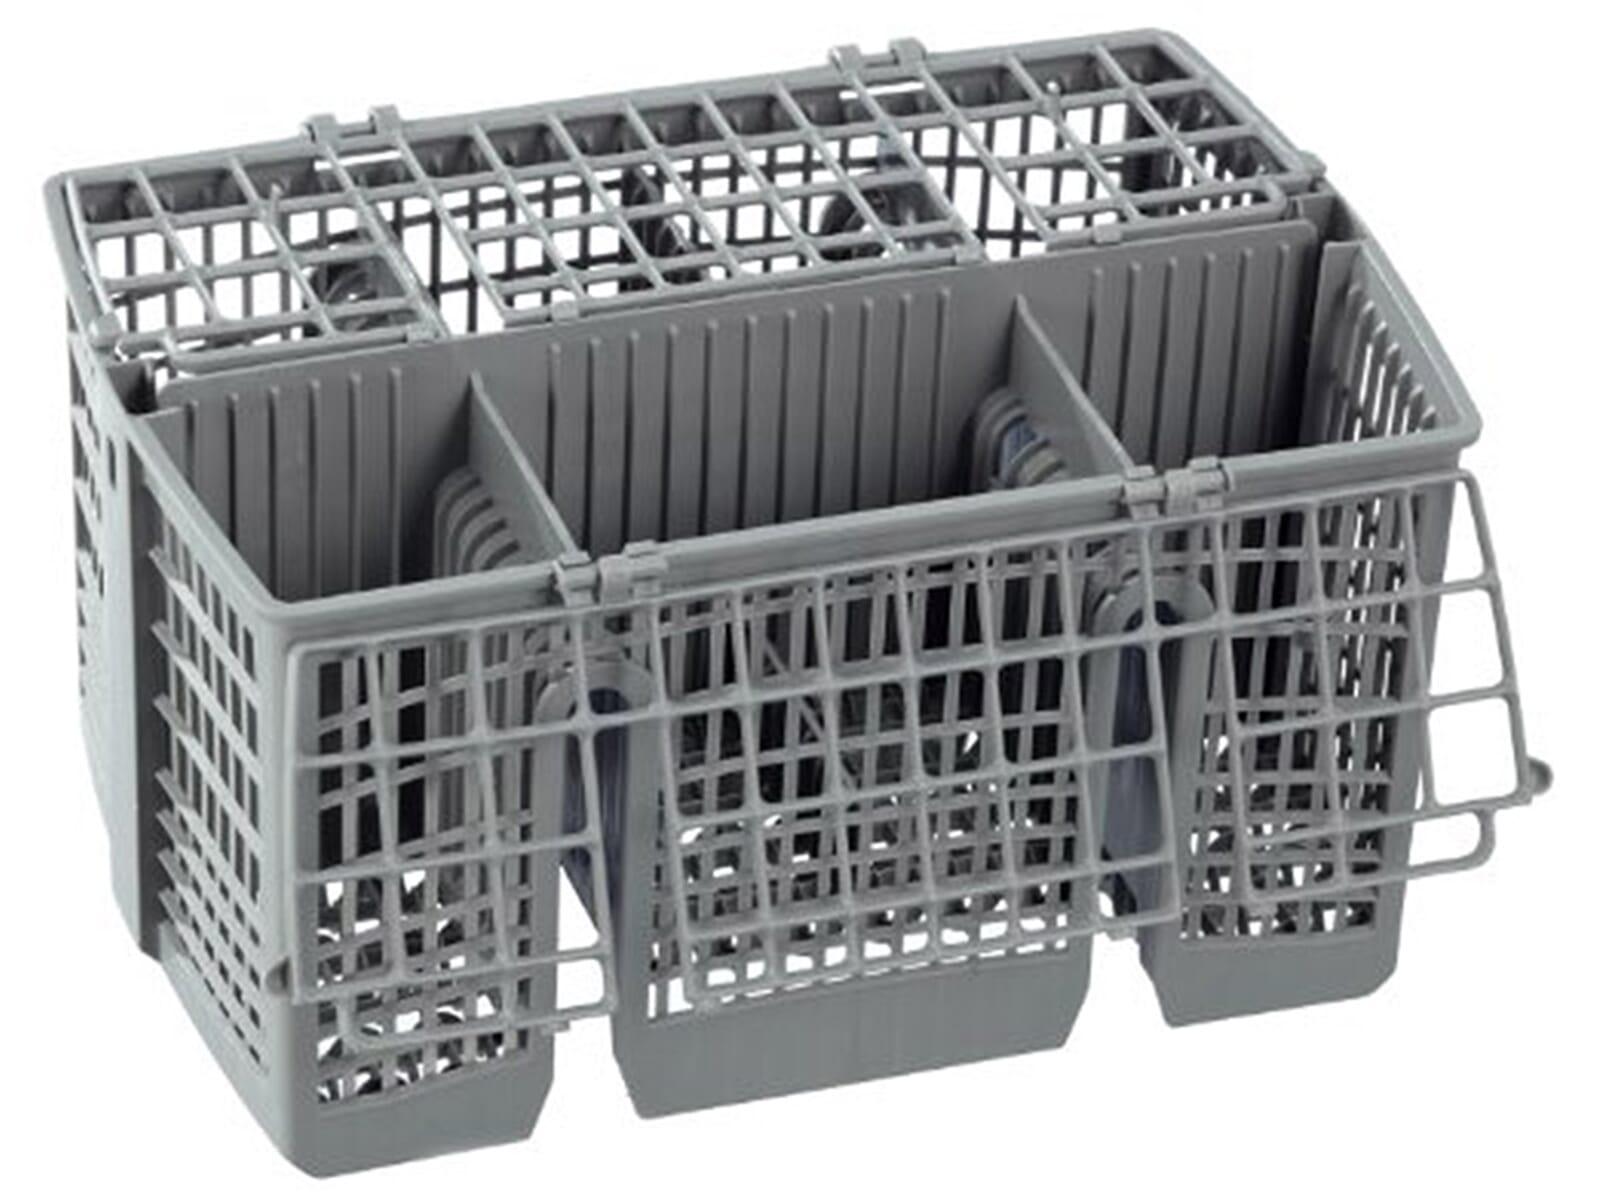 Bosch sps53m22eu stand geschirrspuler weiss fur 49890 eur for M belfront geschirrspüler